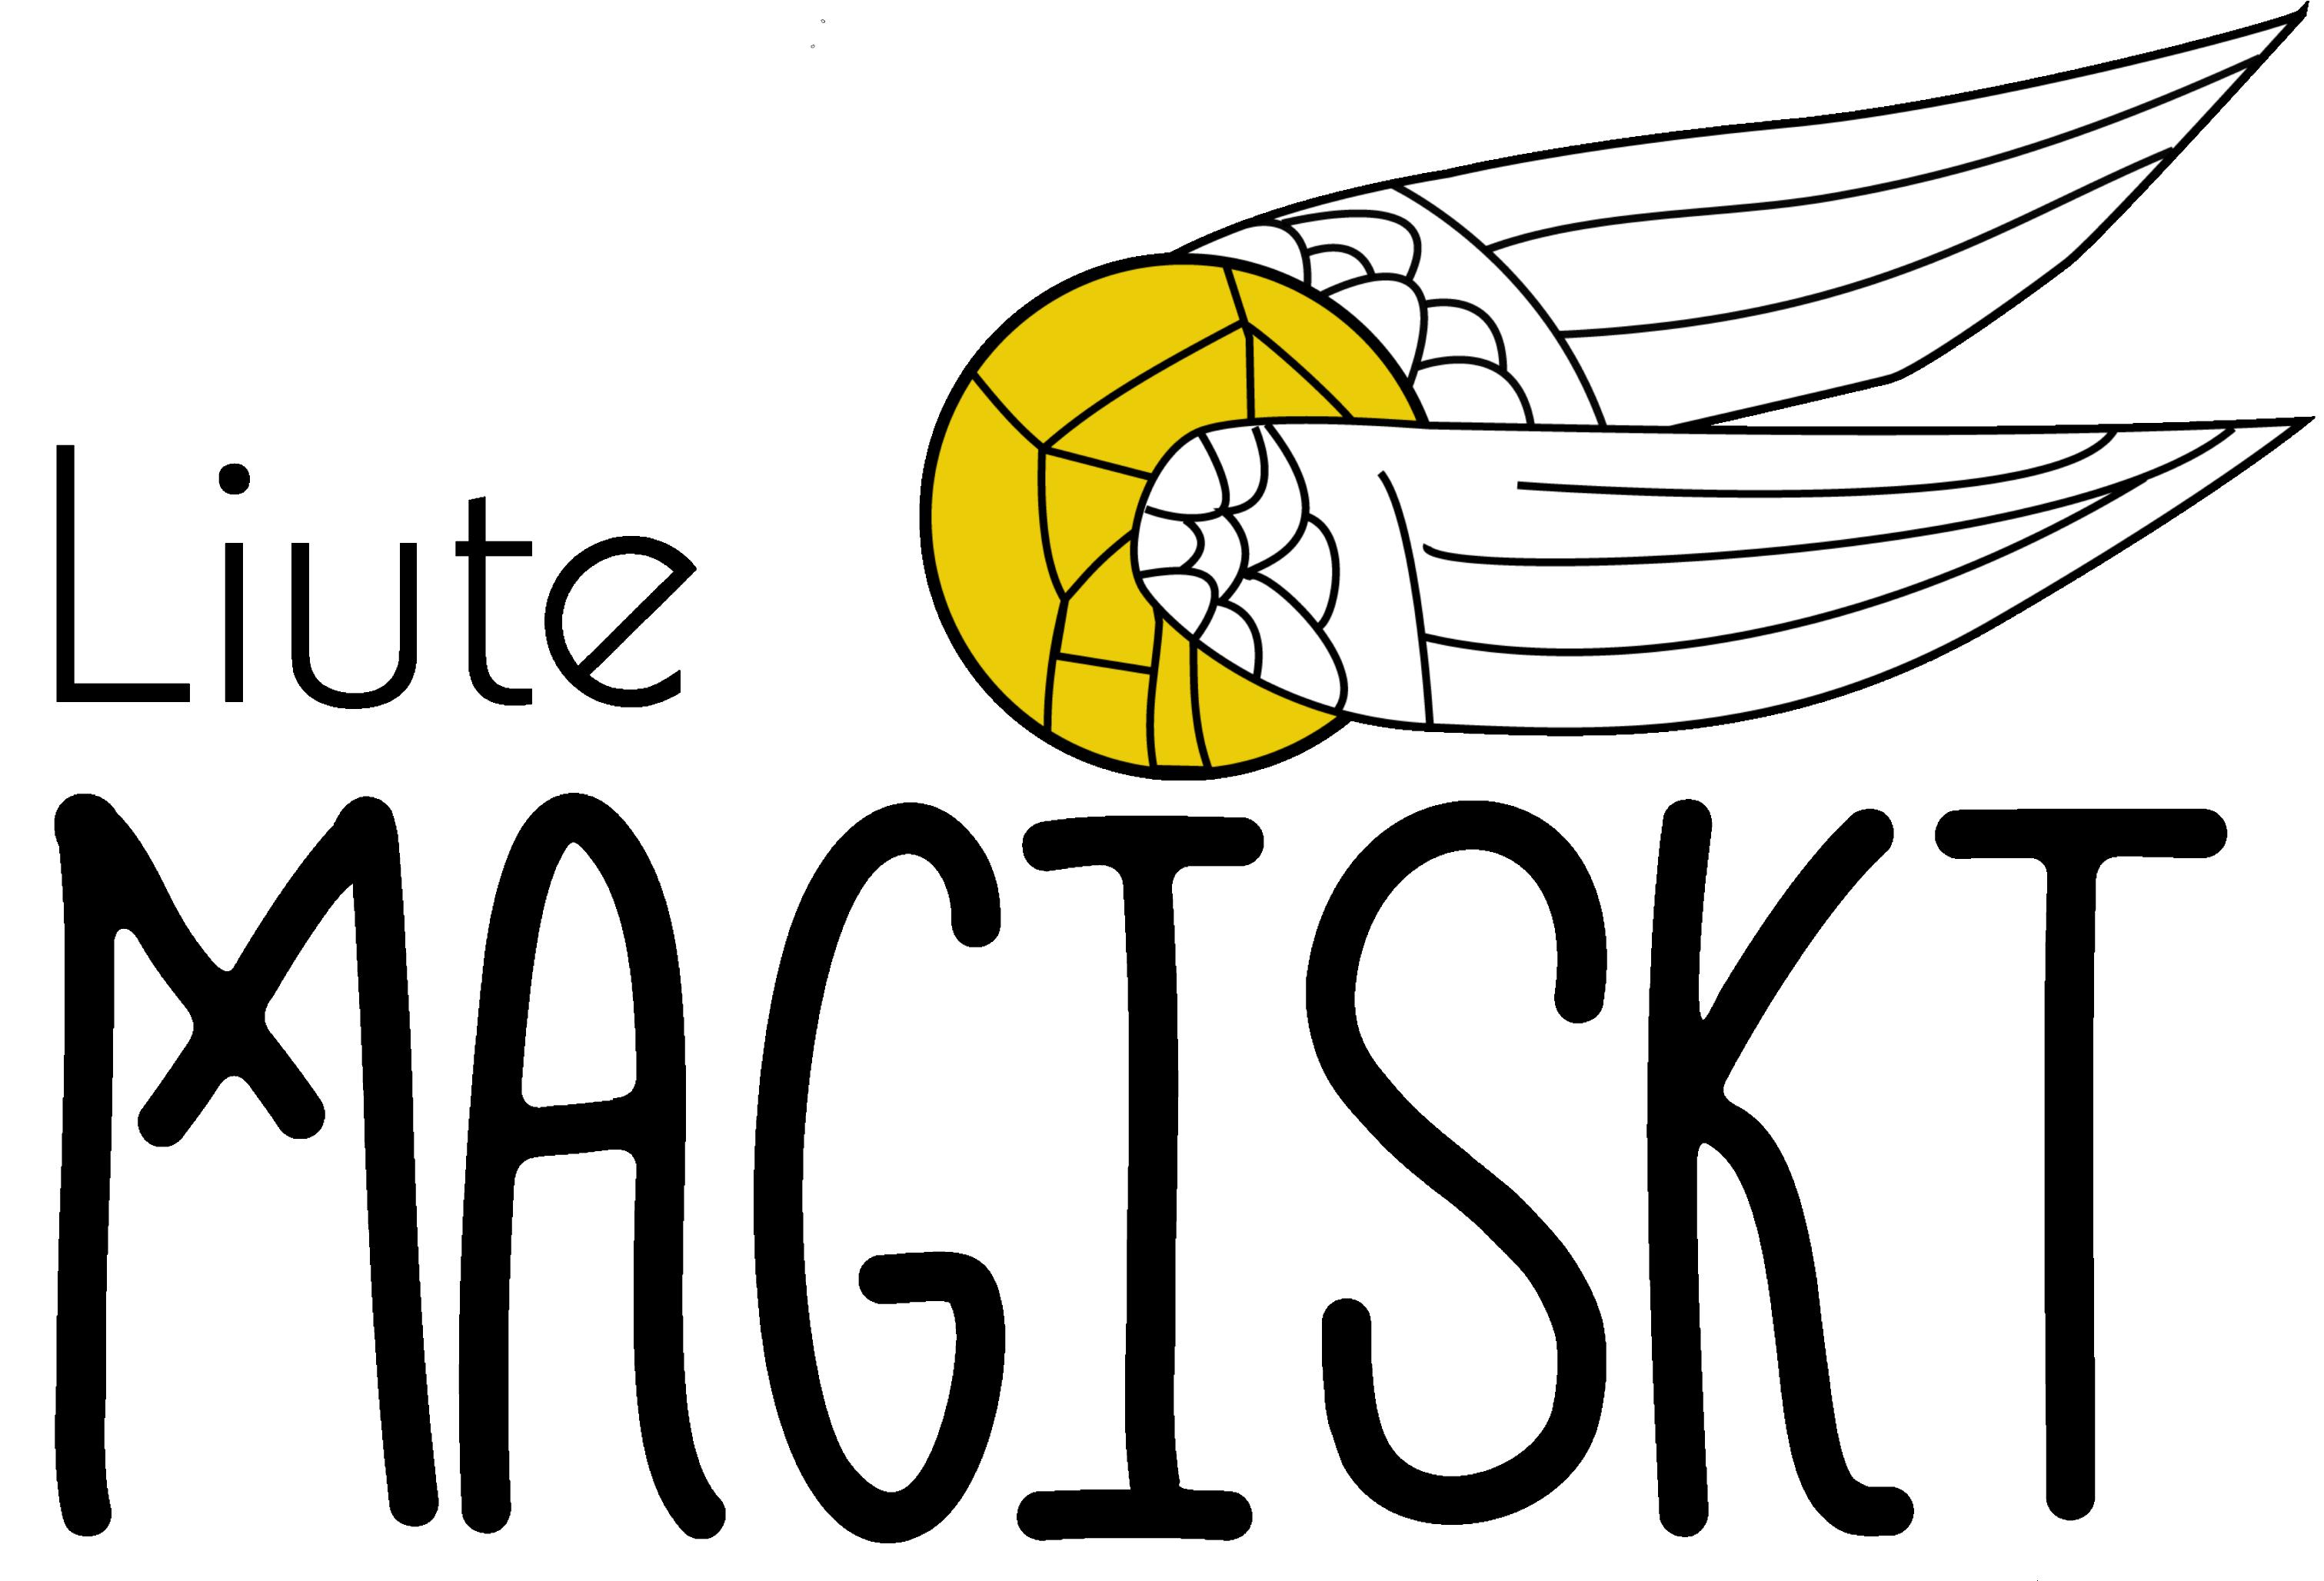 Liute Magiskt logotyp